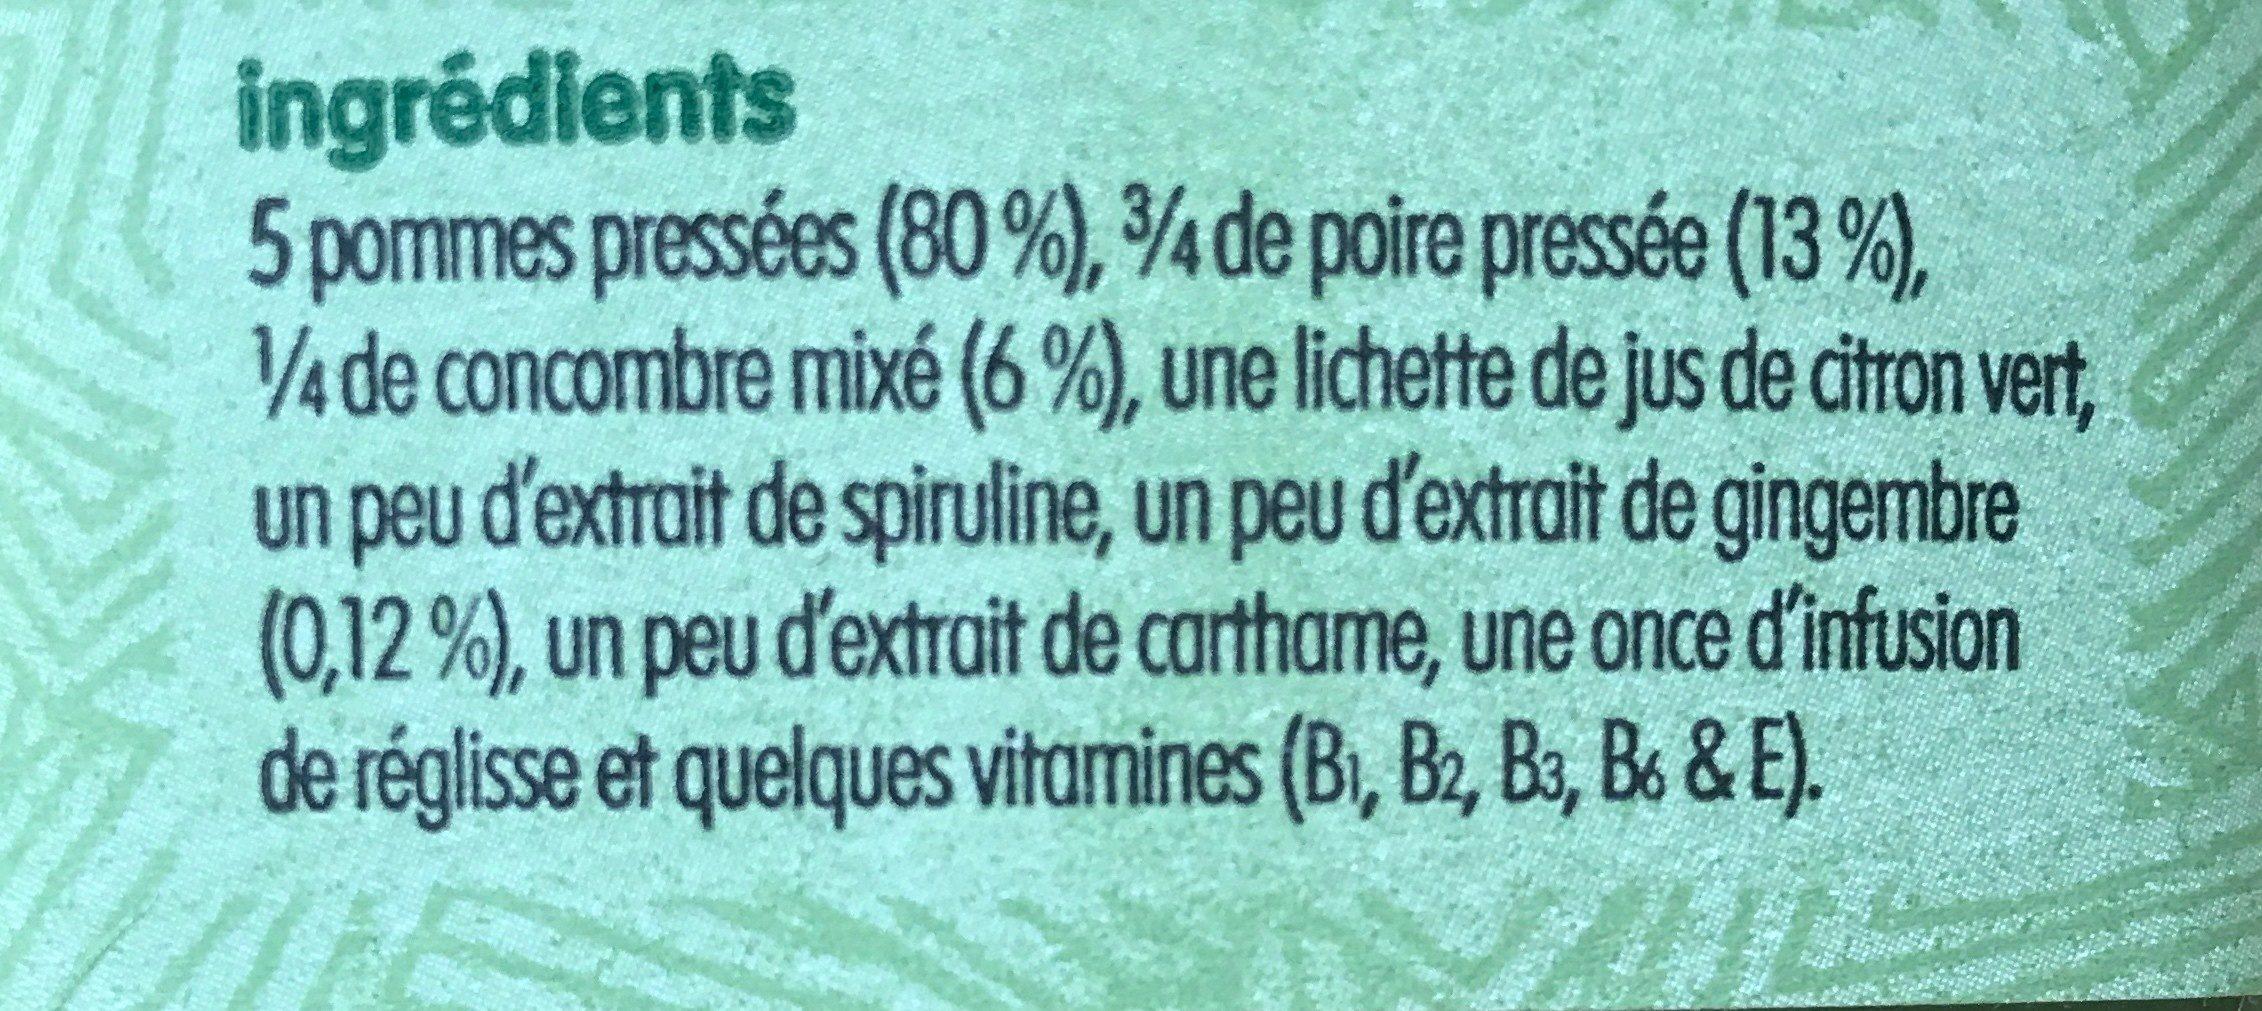 Super Vert - Ingredients